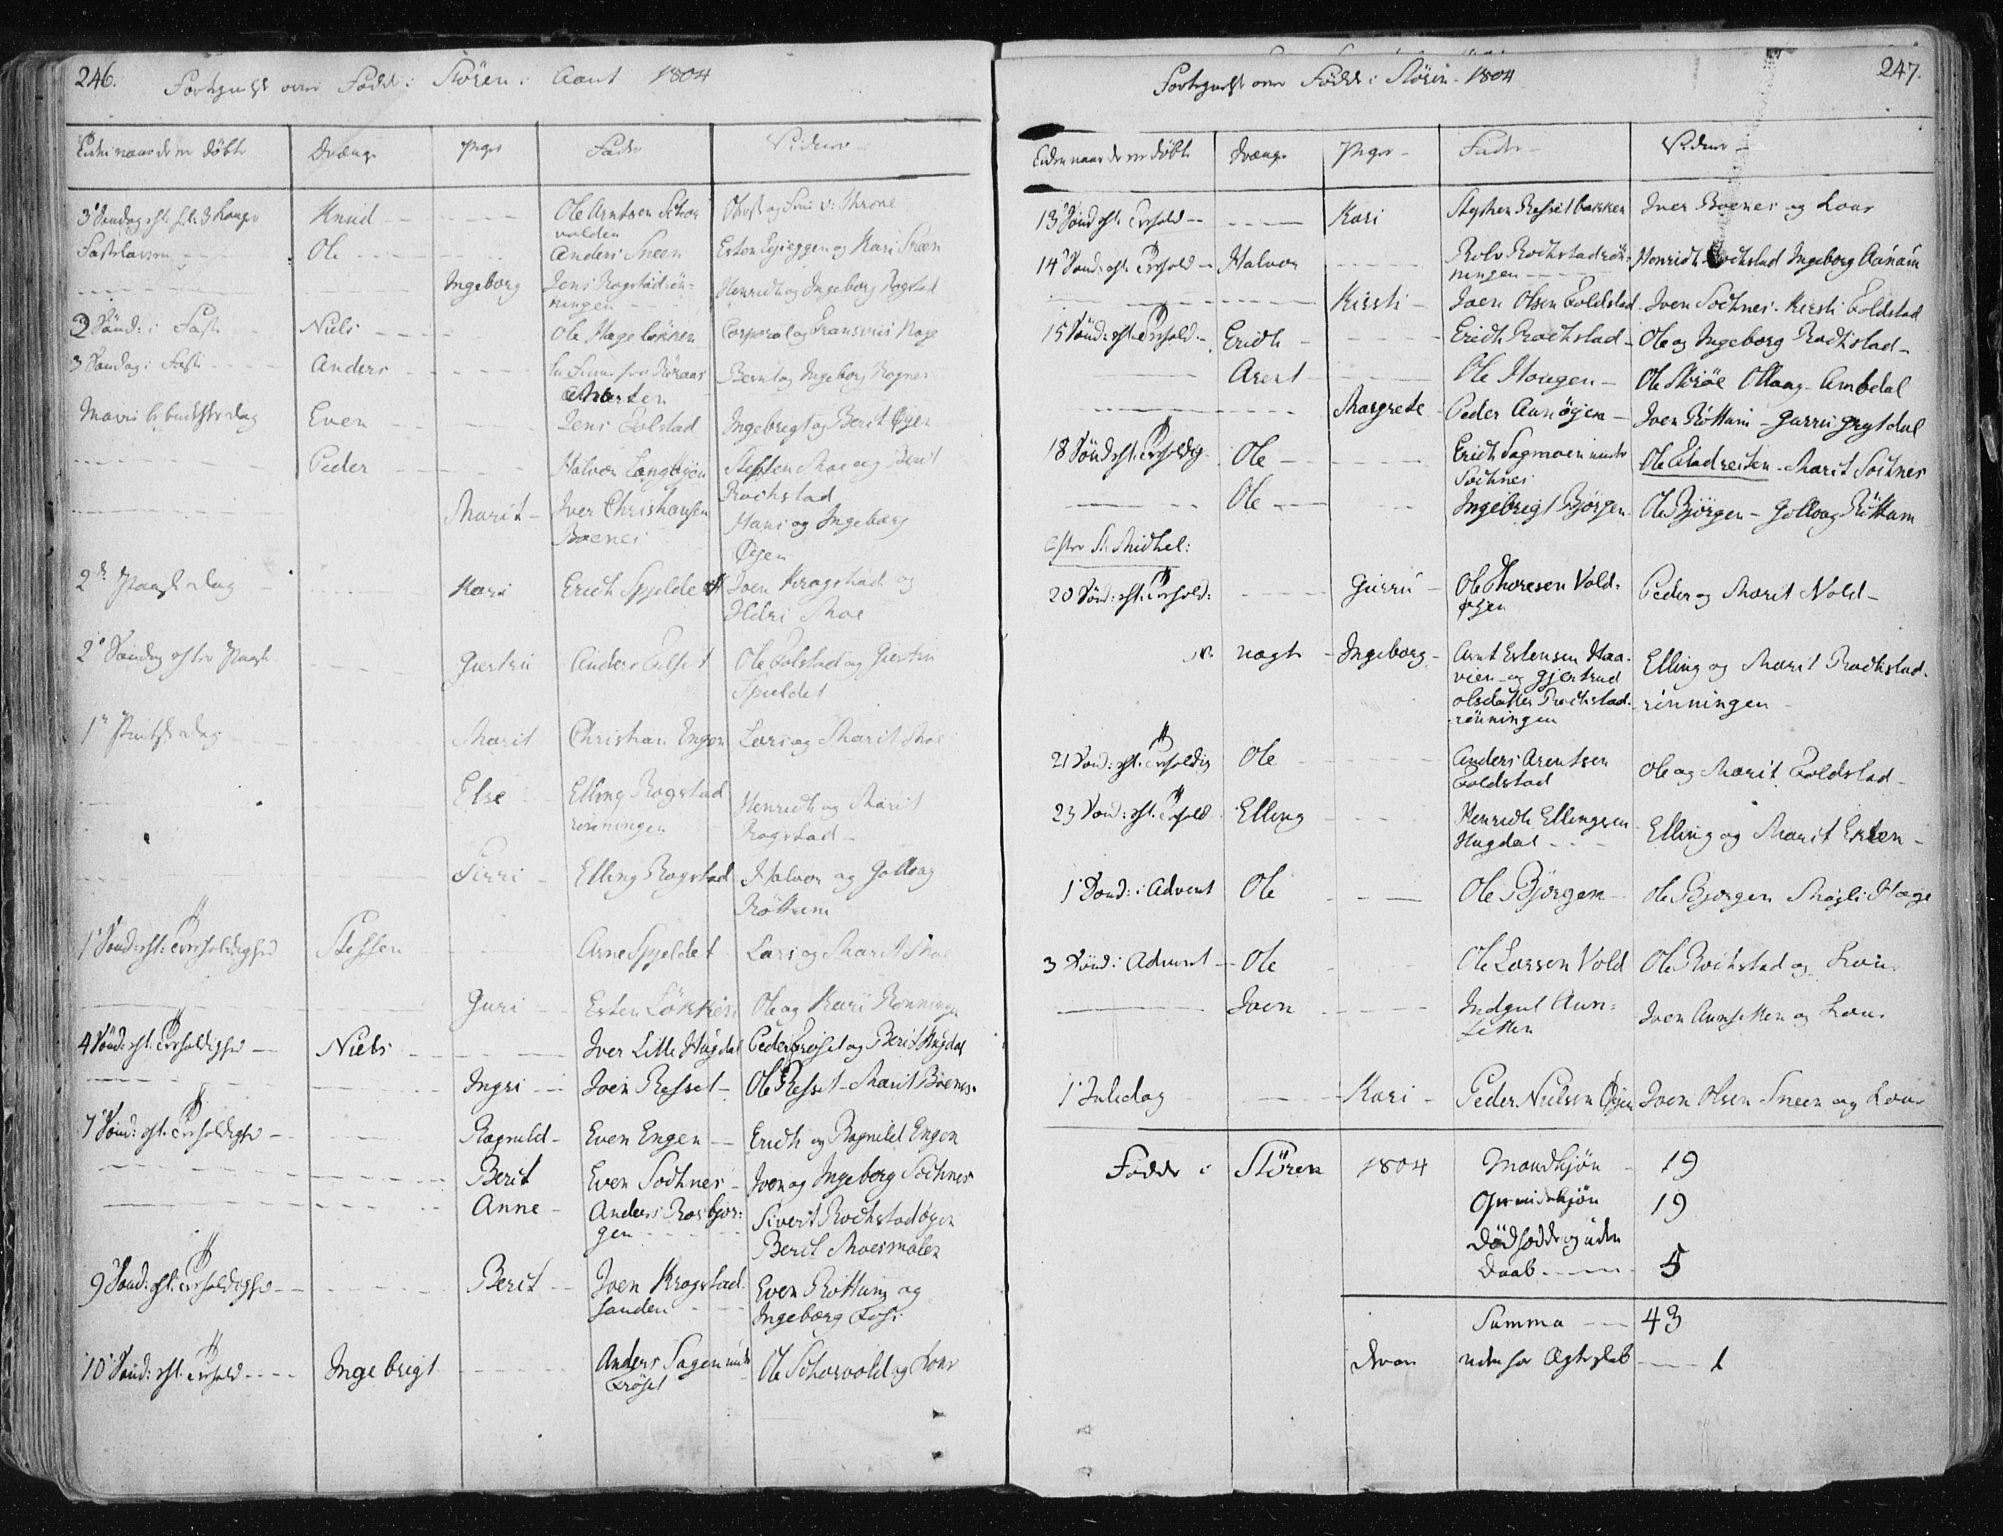 SAT, Ministerialprotokoller, klokkerbøker og fødselsregistre - Sør-Trøndelag, 687/L0992: Ministerialbok nr. 687A03 /1, 1788-1815, s. 246-247